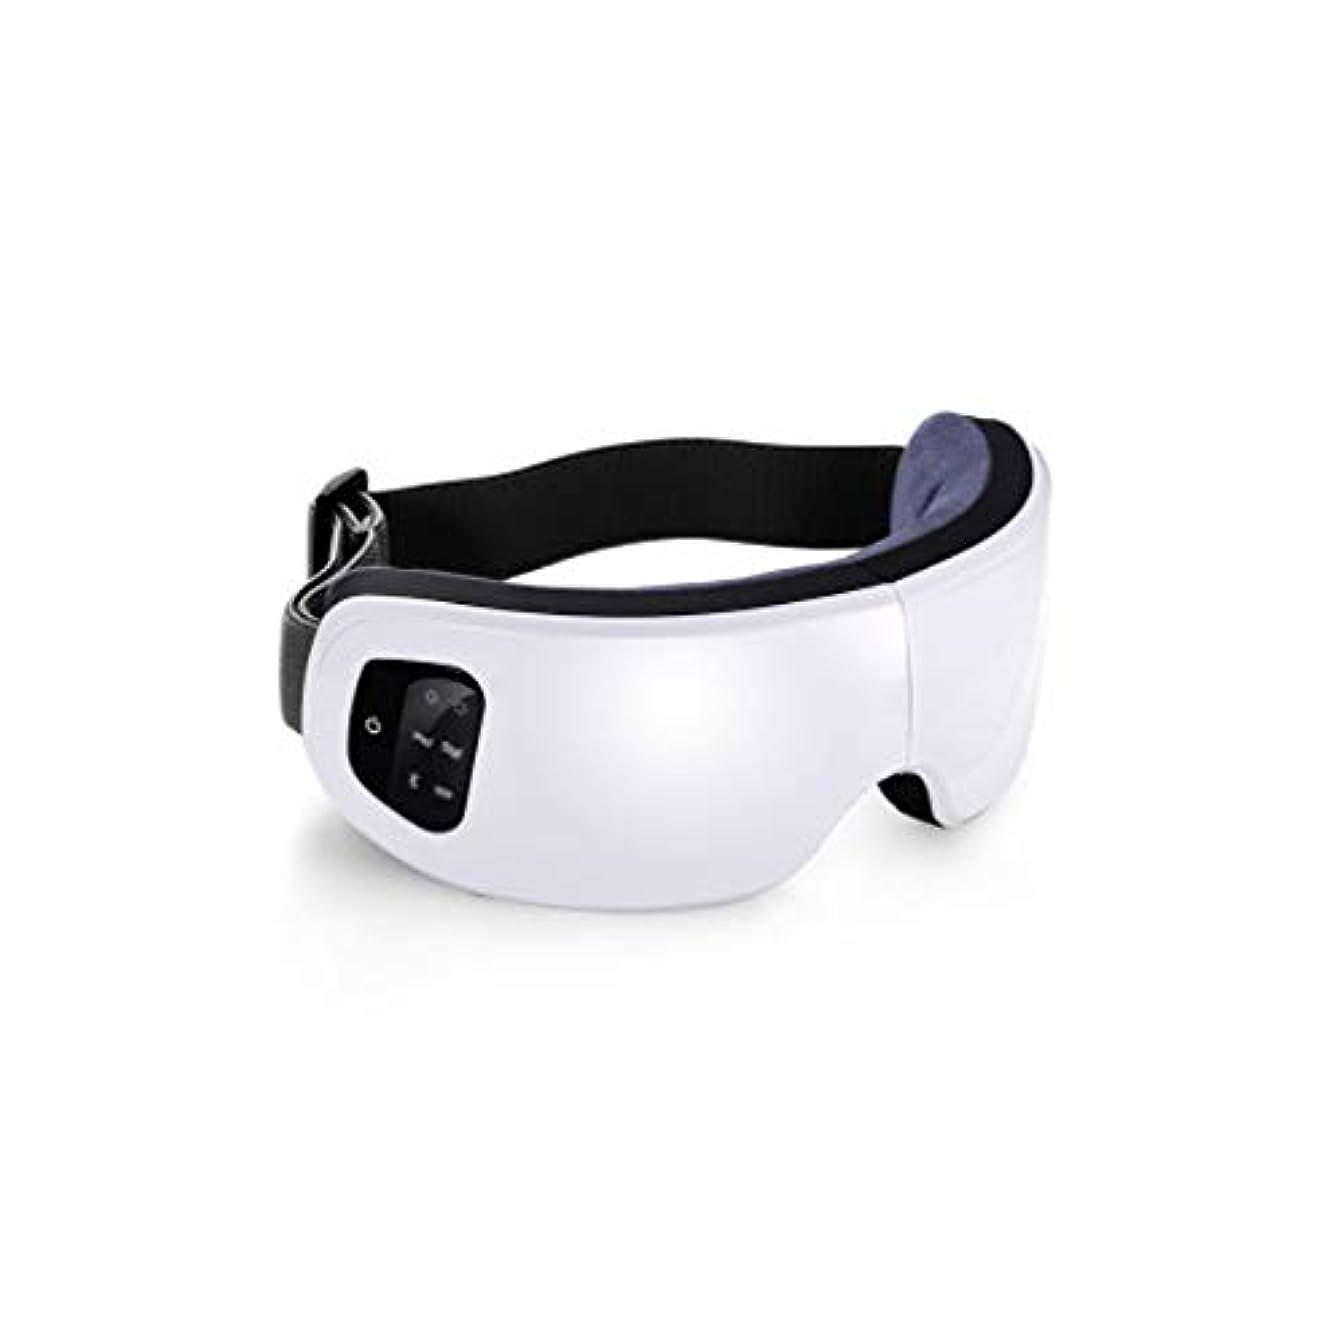 民主主義変装した歩き回るマッサージャー - 圧力温度インテリジェントアイマスクアイマッサージャー (Color : White, Size : 20.5*8*2cm)